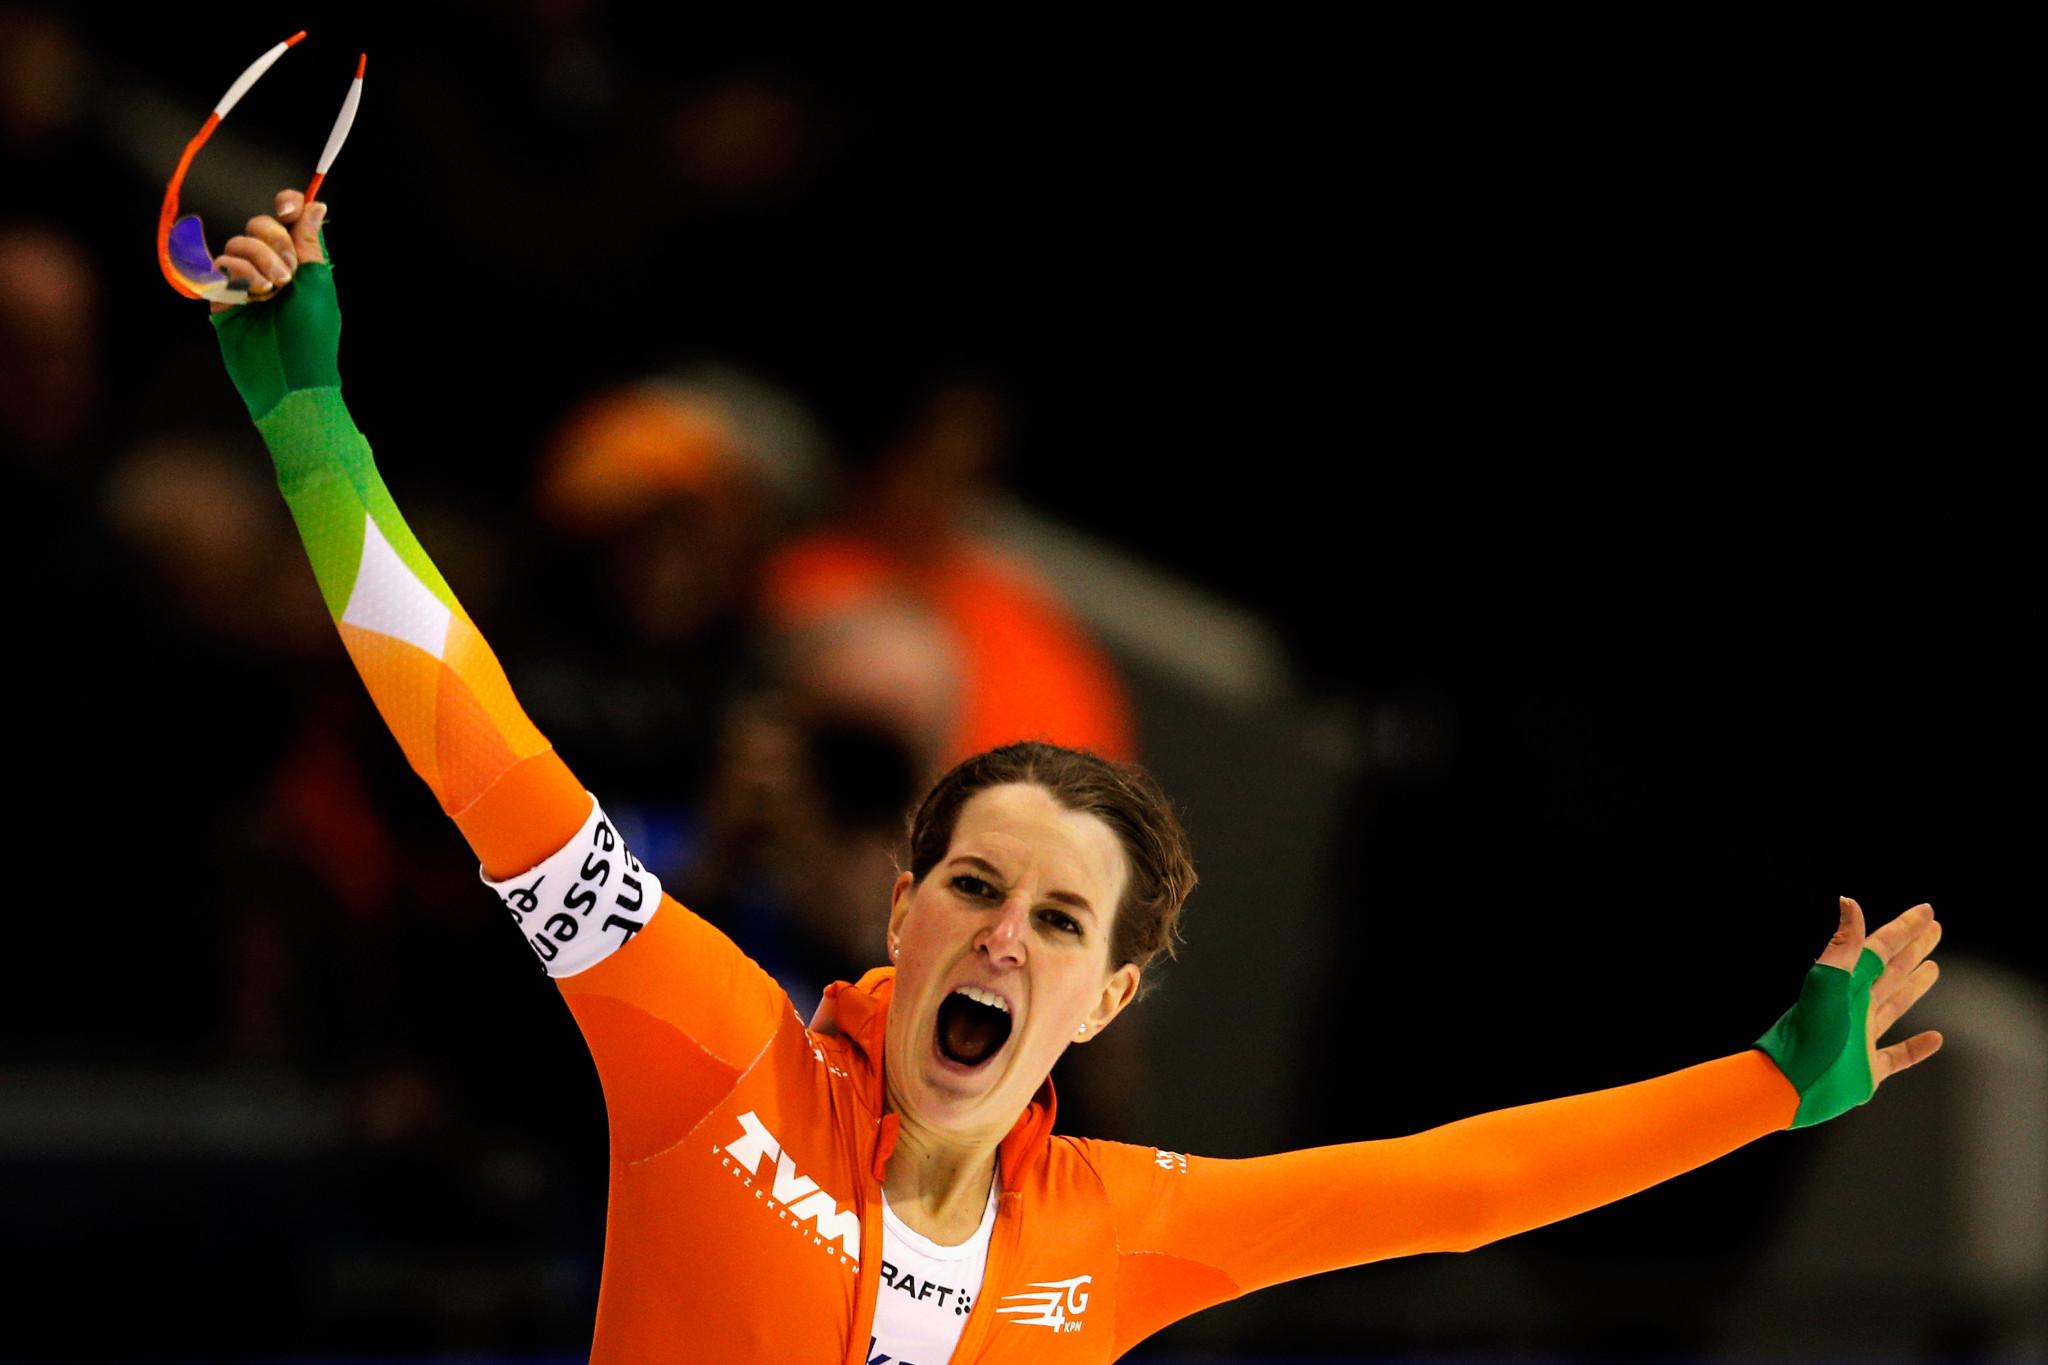 Irene West is een van de belangrijkste wintersporters van Nederland, openlijk biseksueel © Getty Images